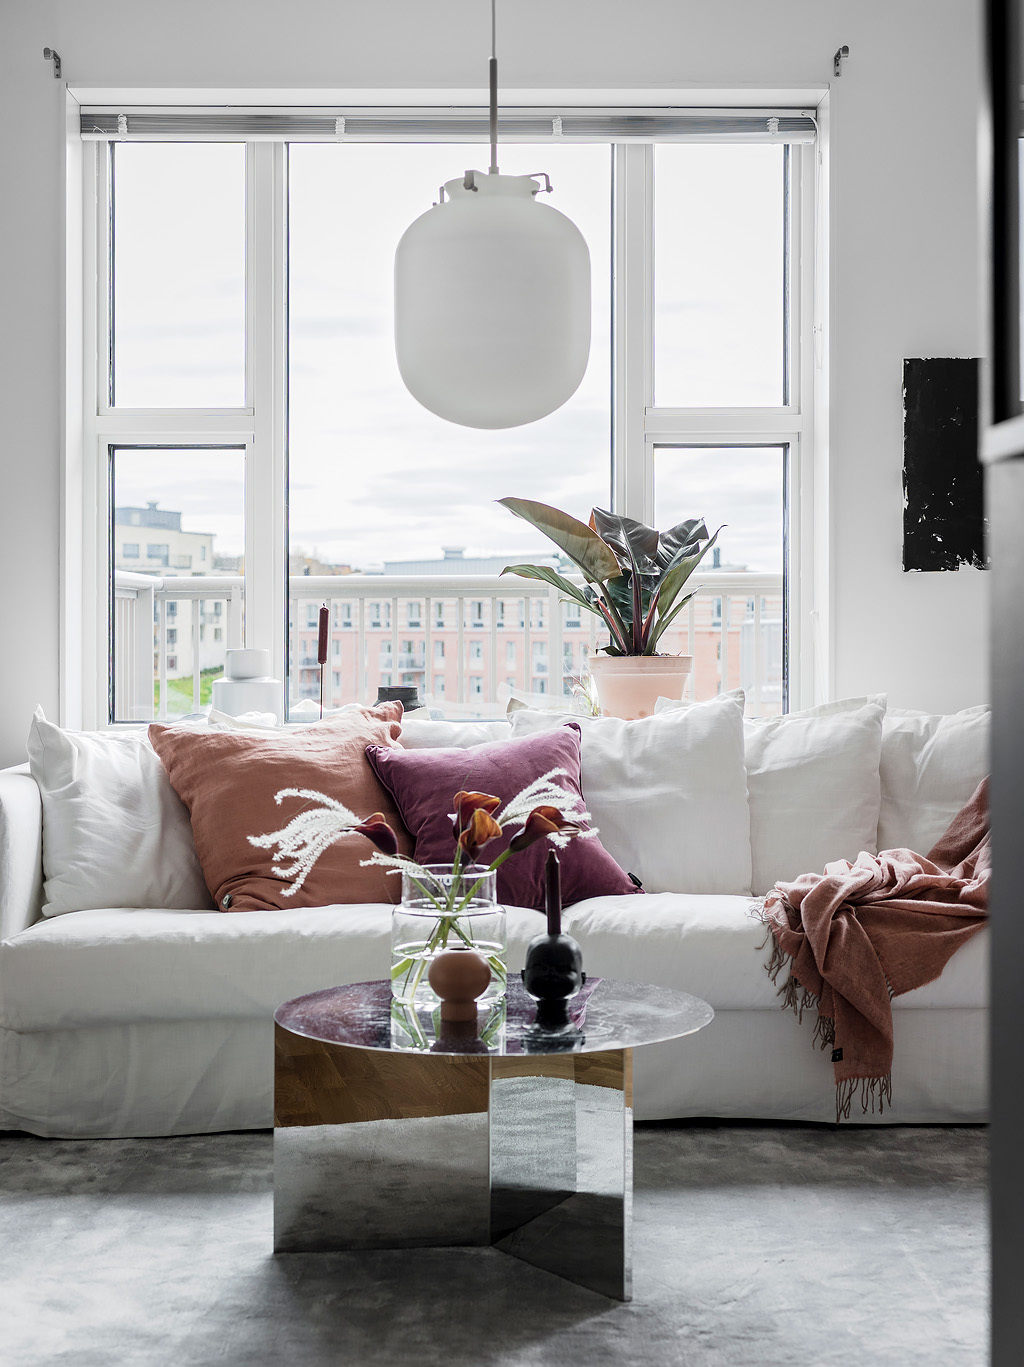 Arredare Spazi Piccoli arredare piccoli spazi] in colori autunnali - home shabby